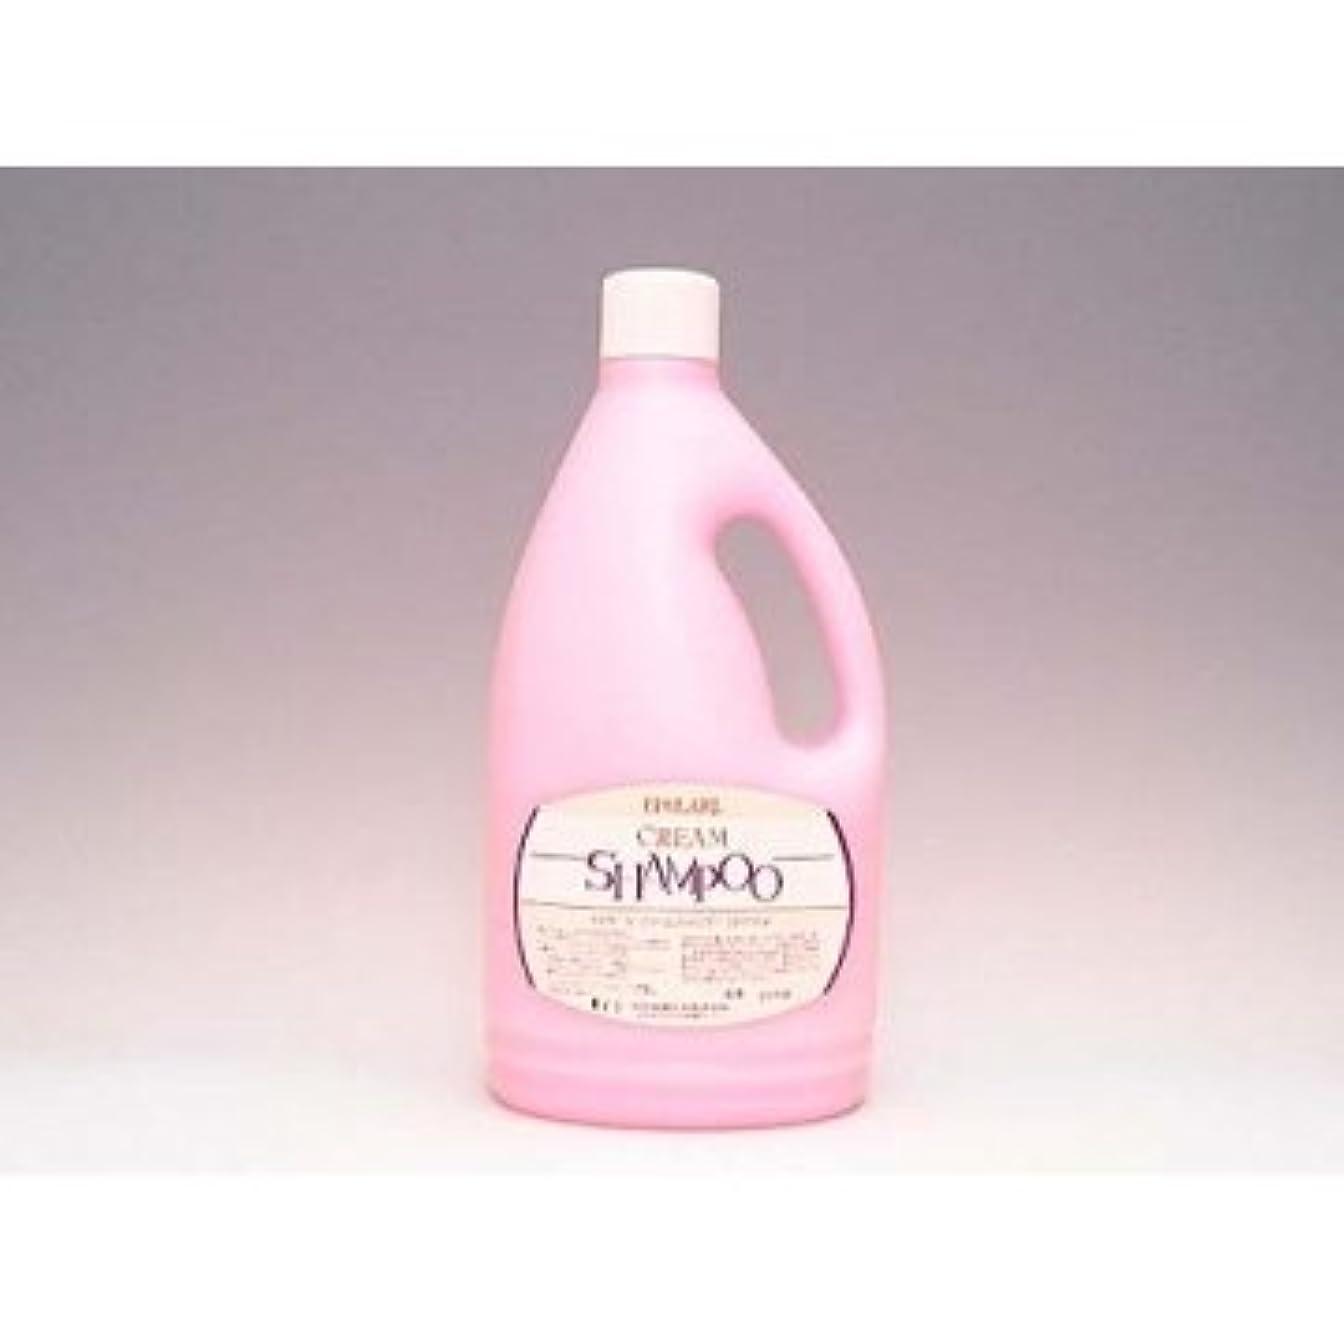 却下するお風呂を持っている首相中央有機化学 エポラール クリームシャンプーAダイヤ 業務用2000ml